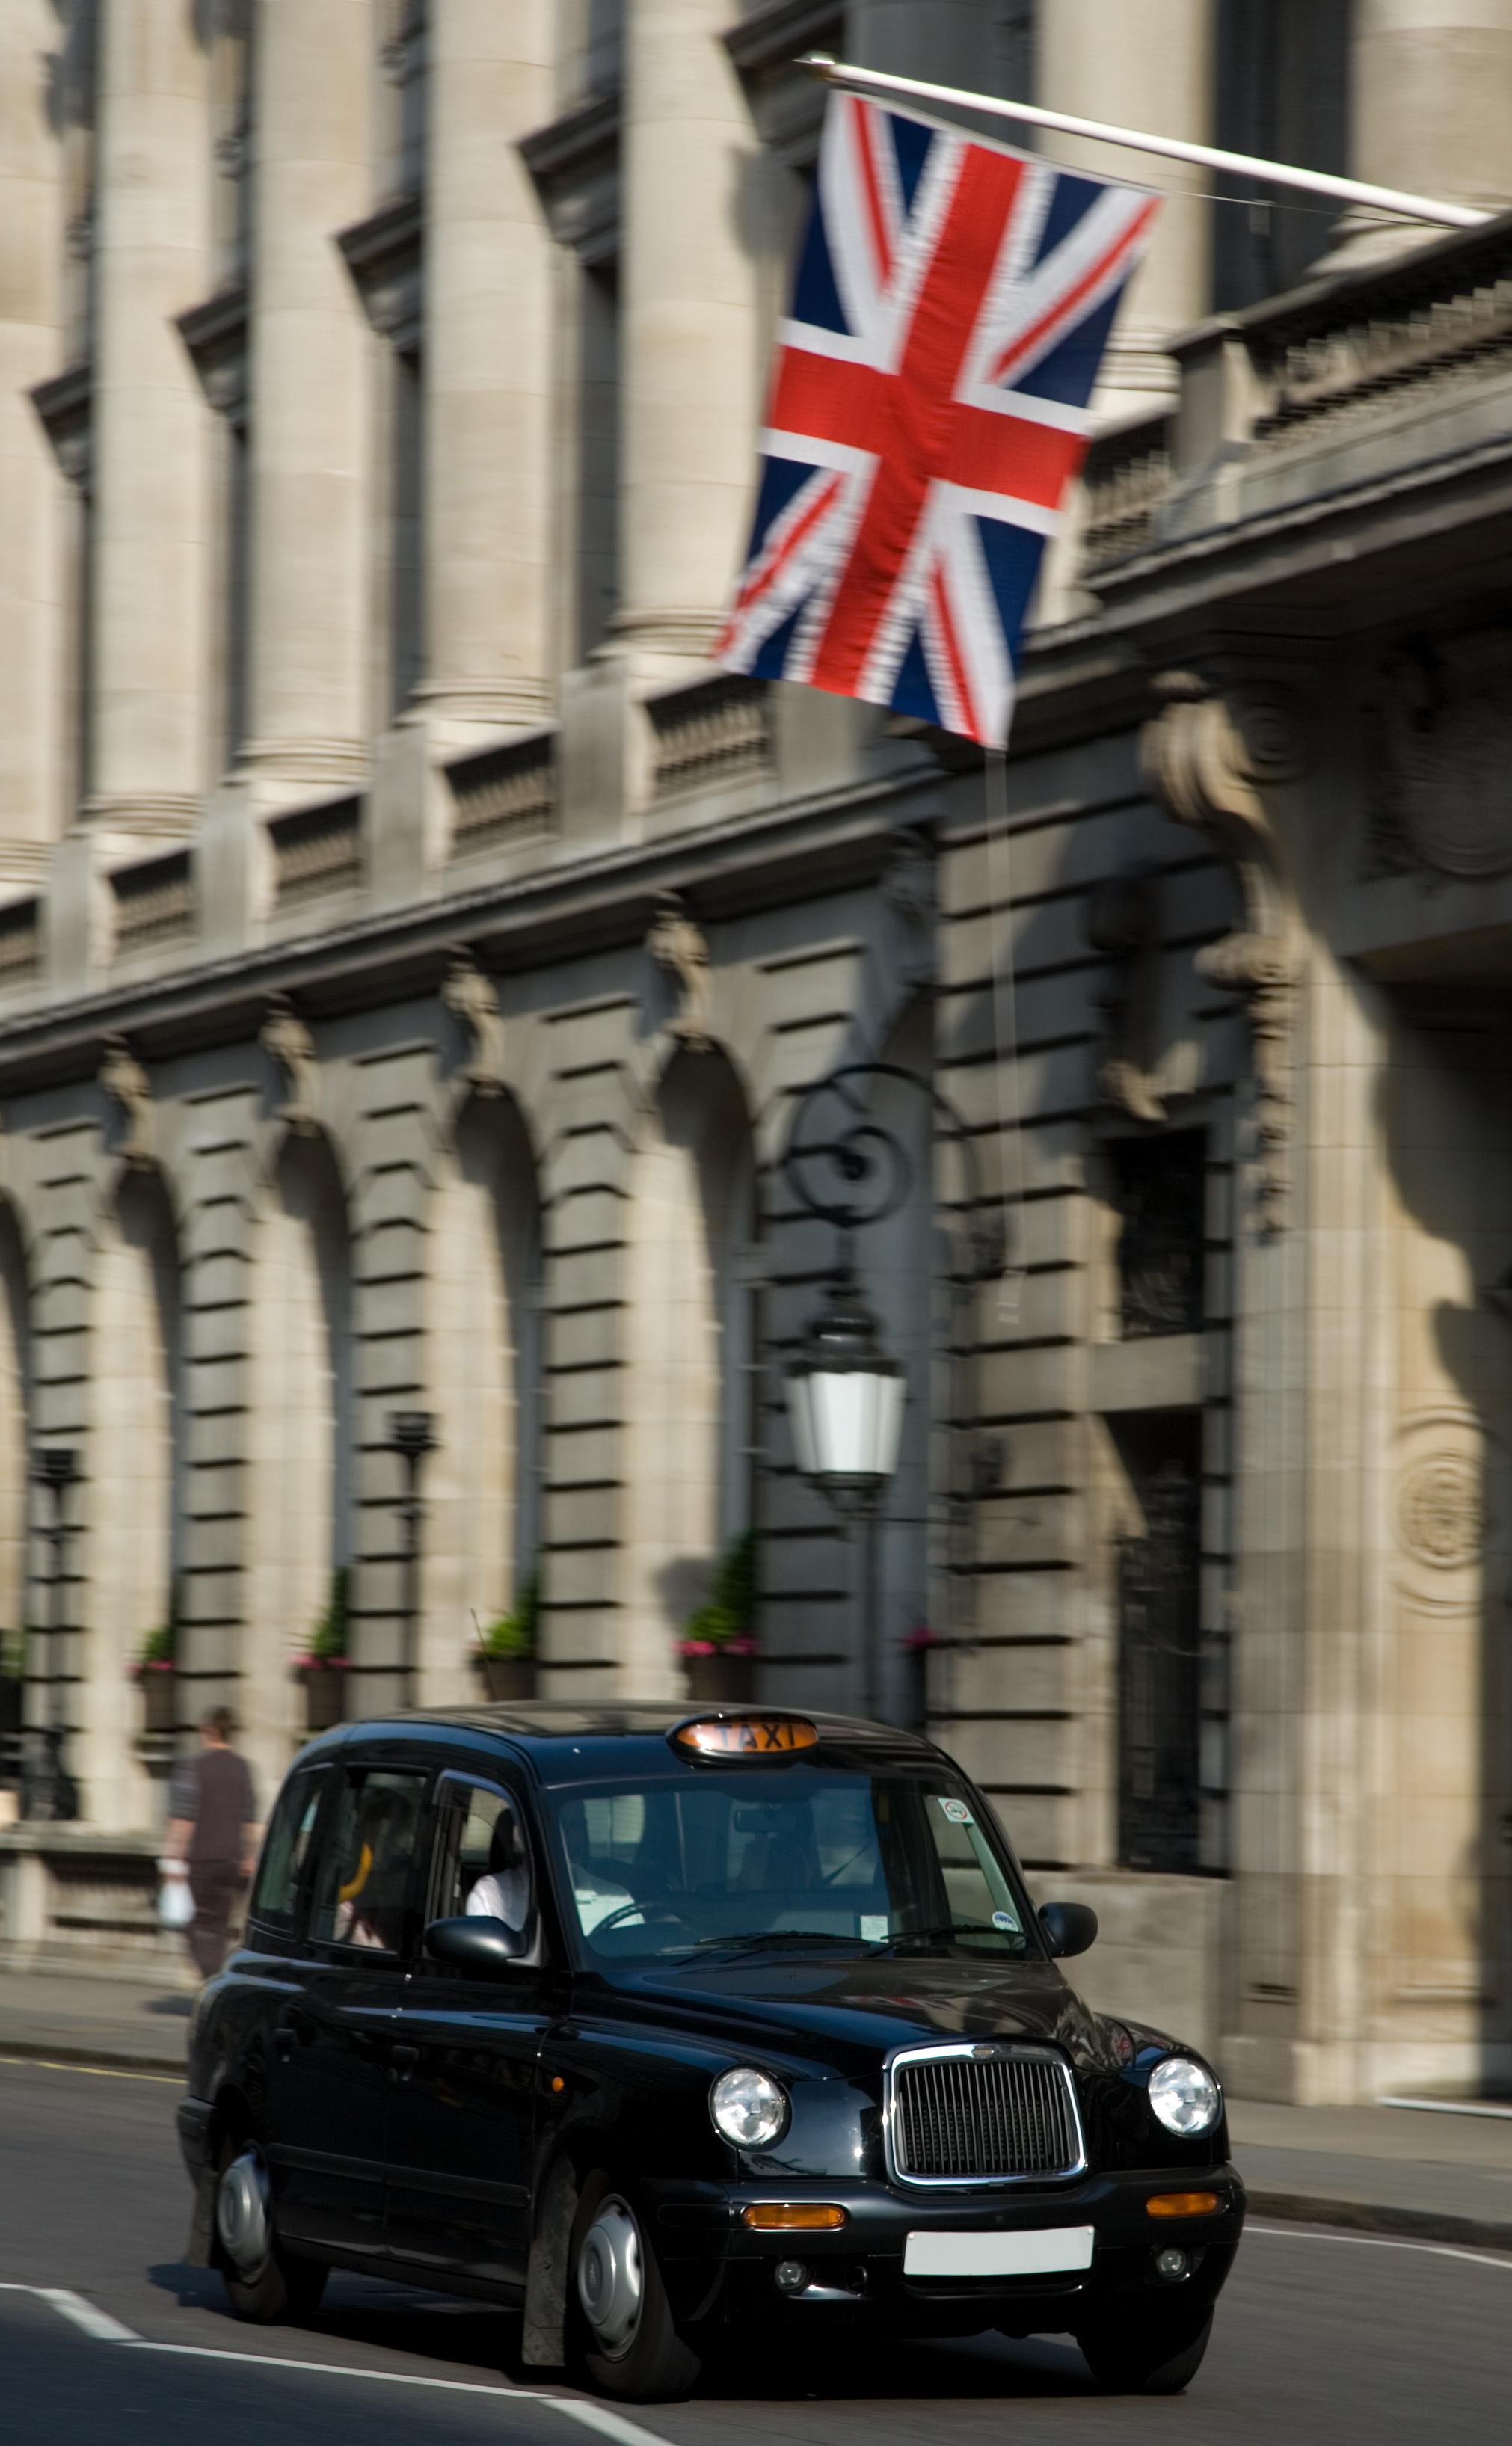 регулирование такси в англии называют выкладывать